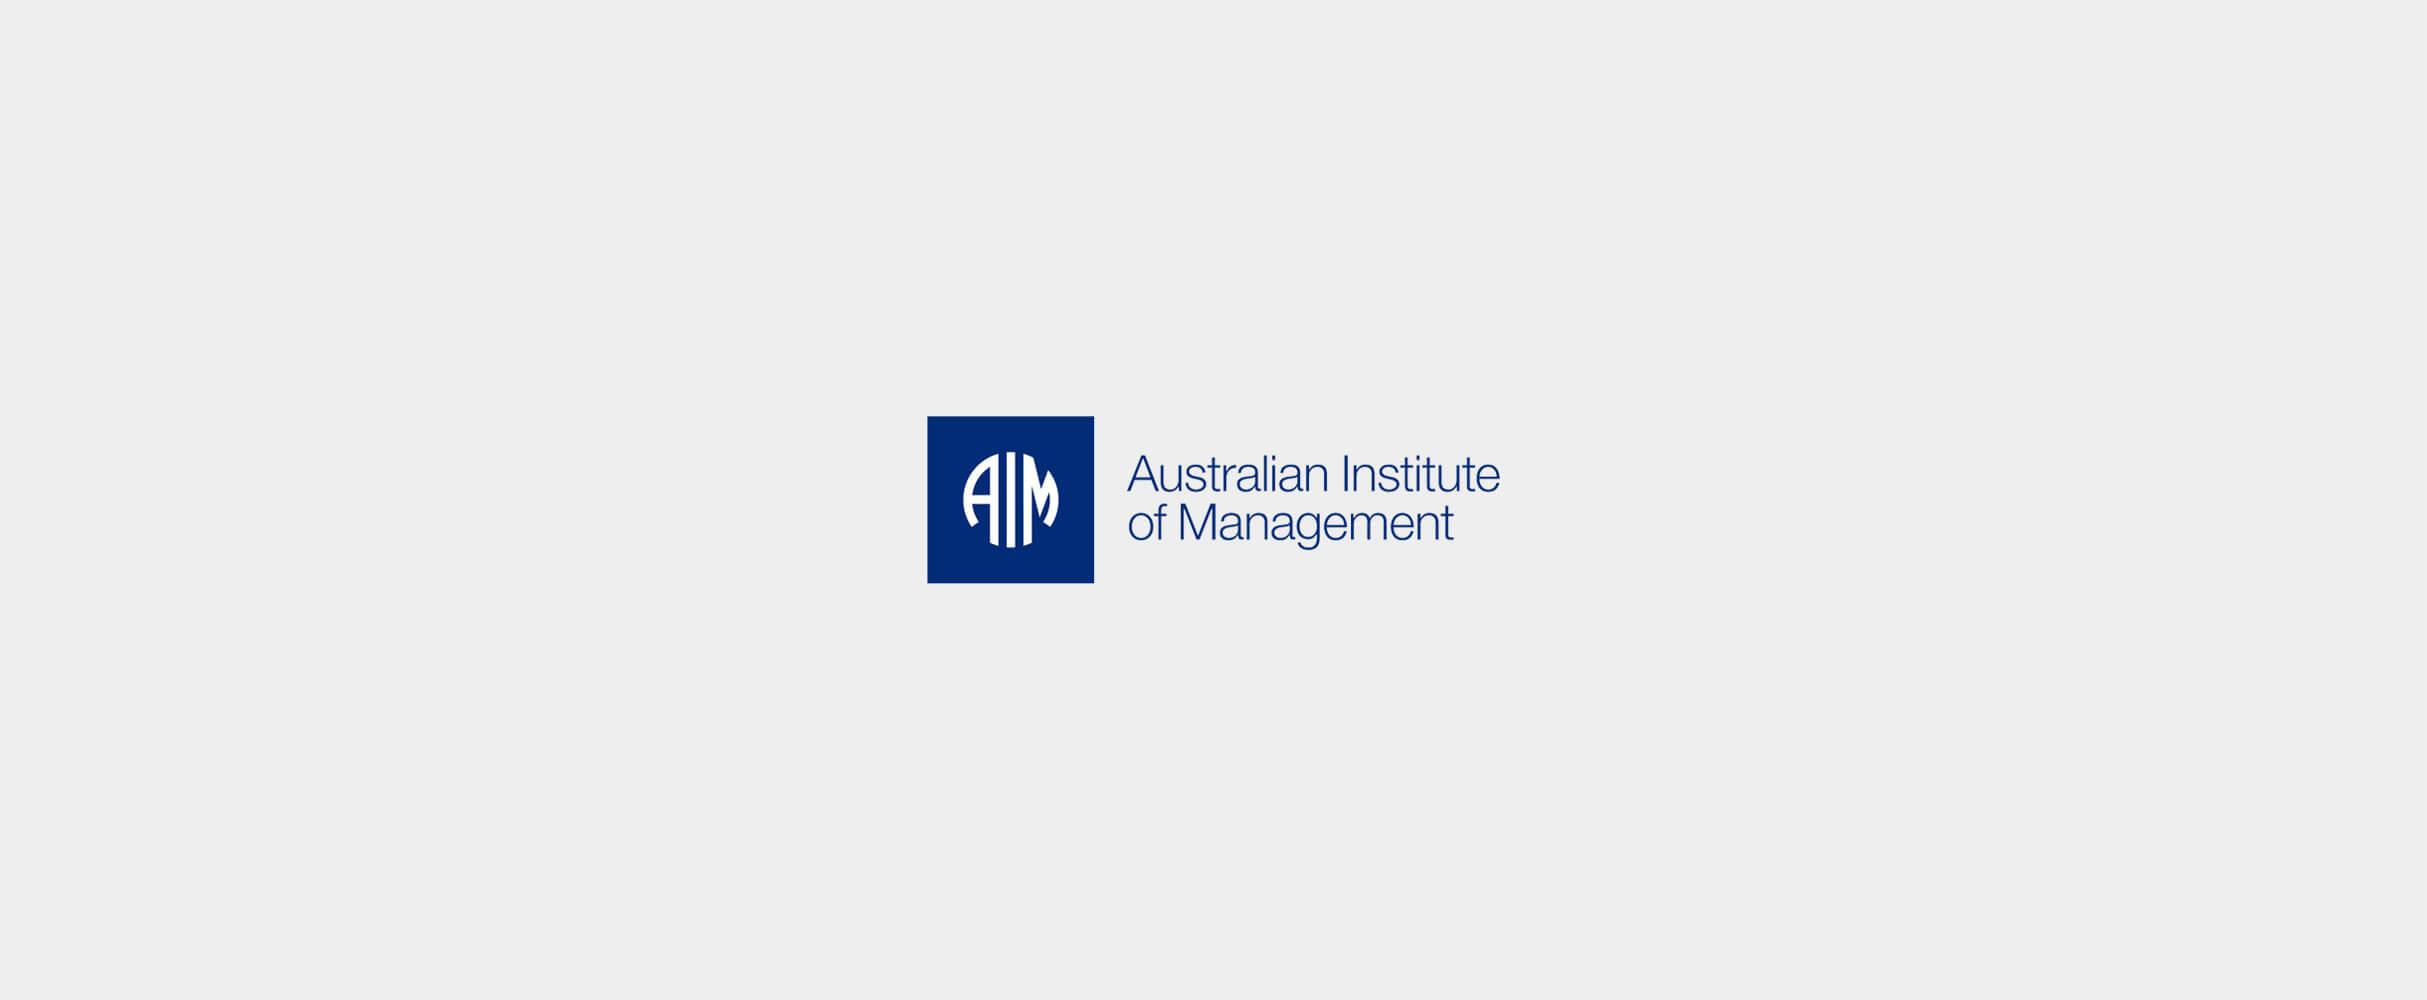 Australian Institute Of Management Logo